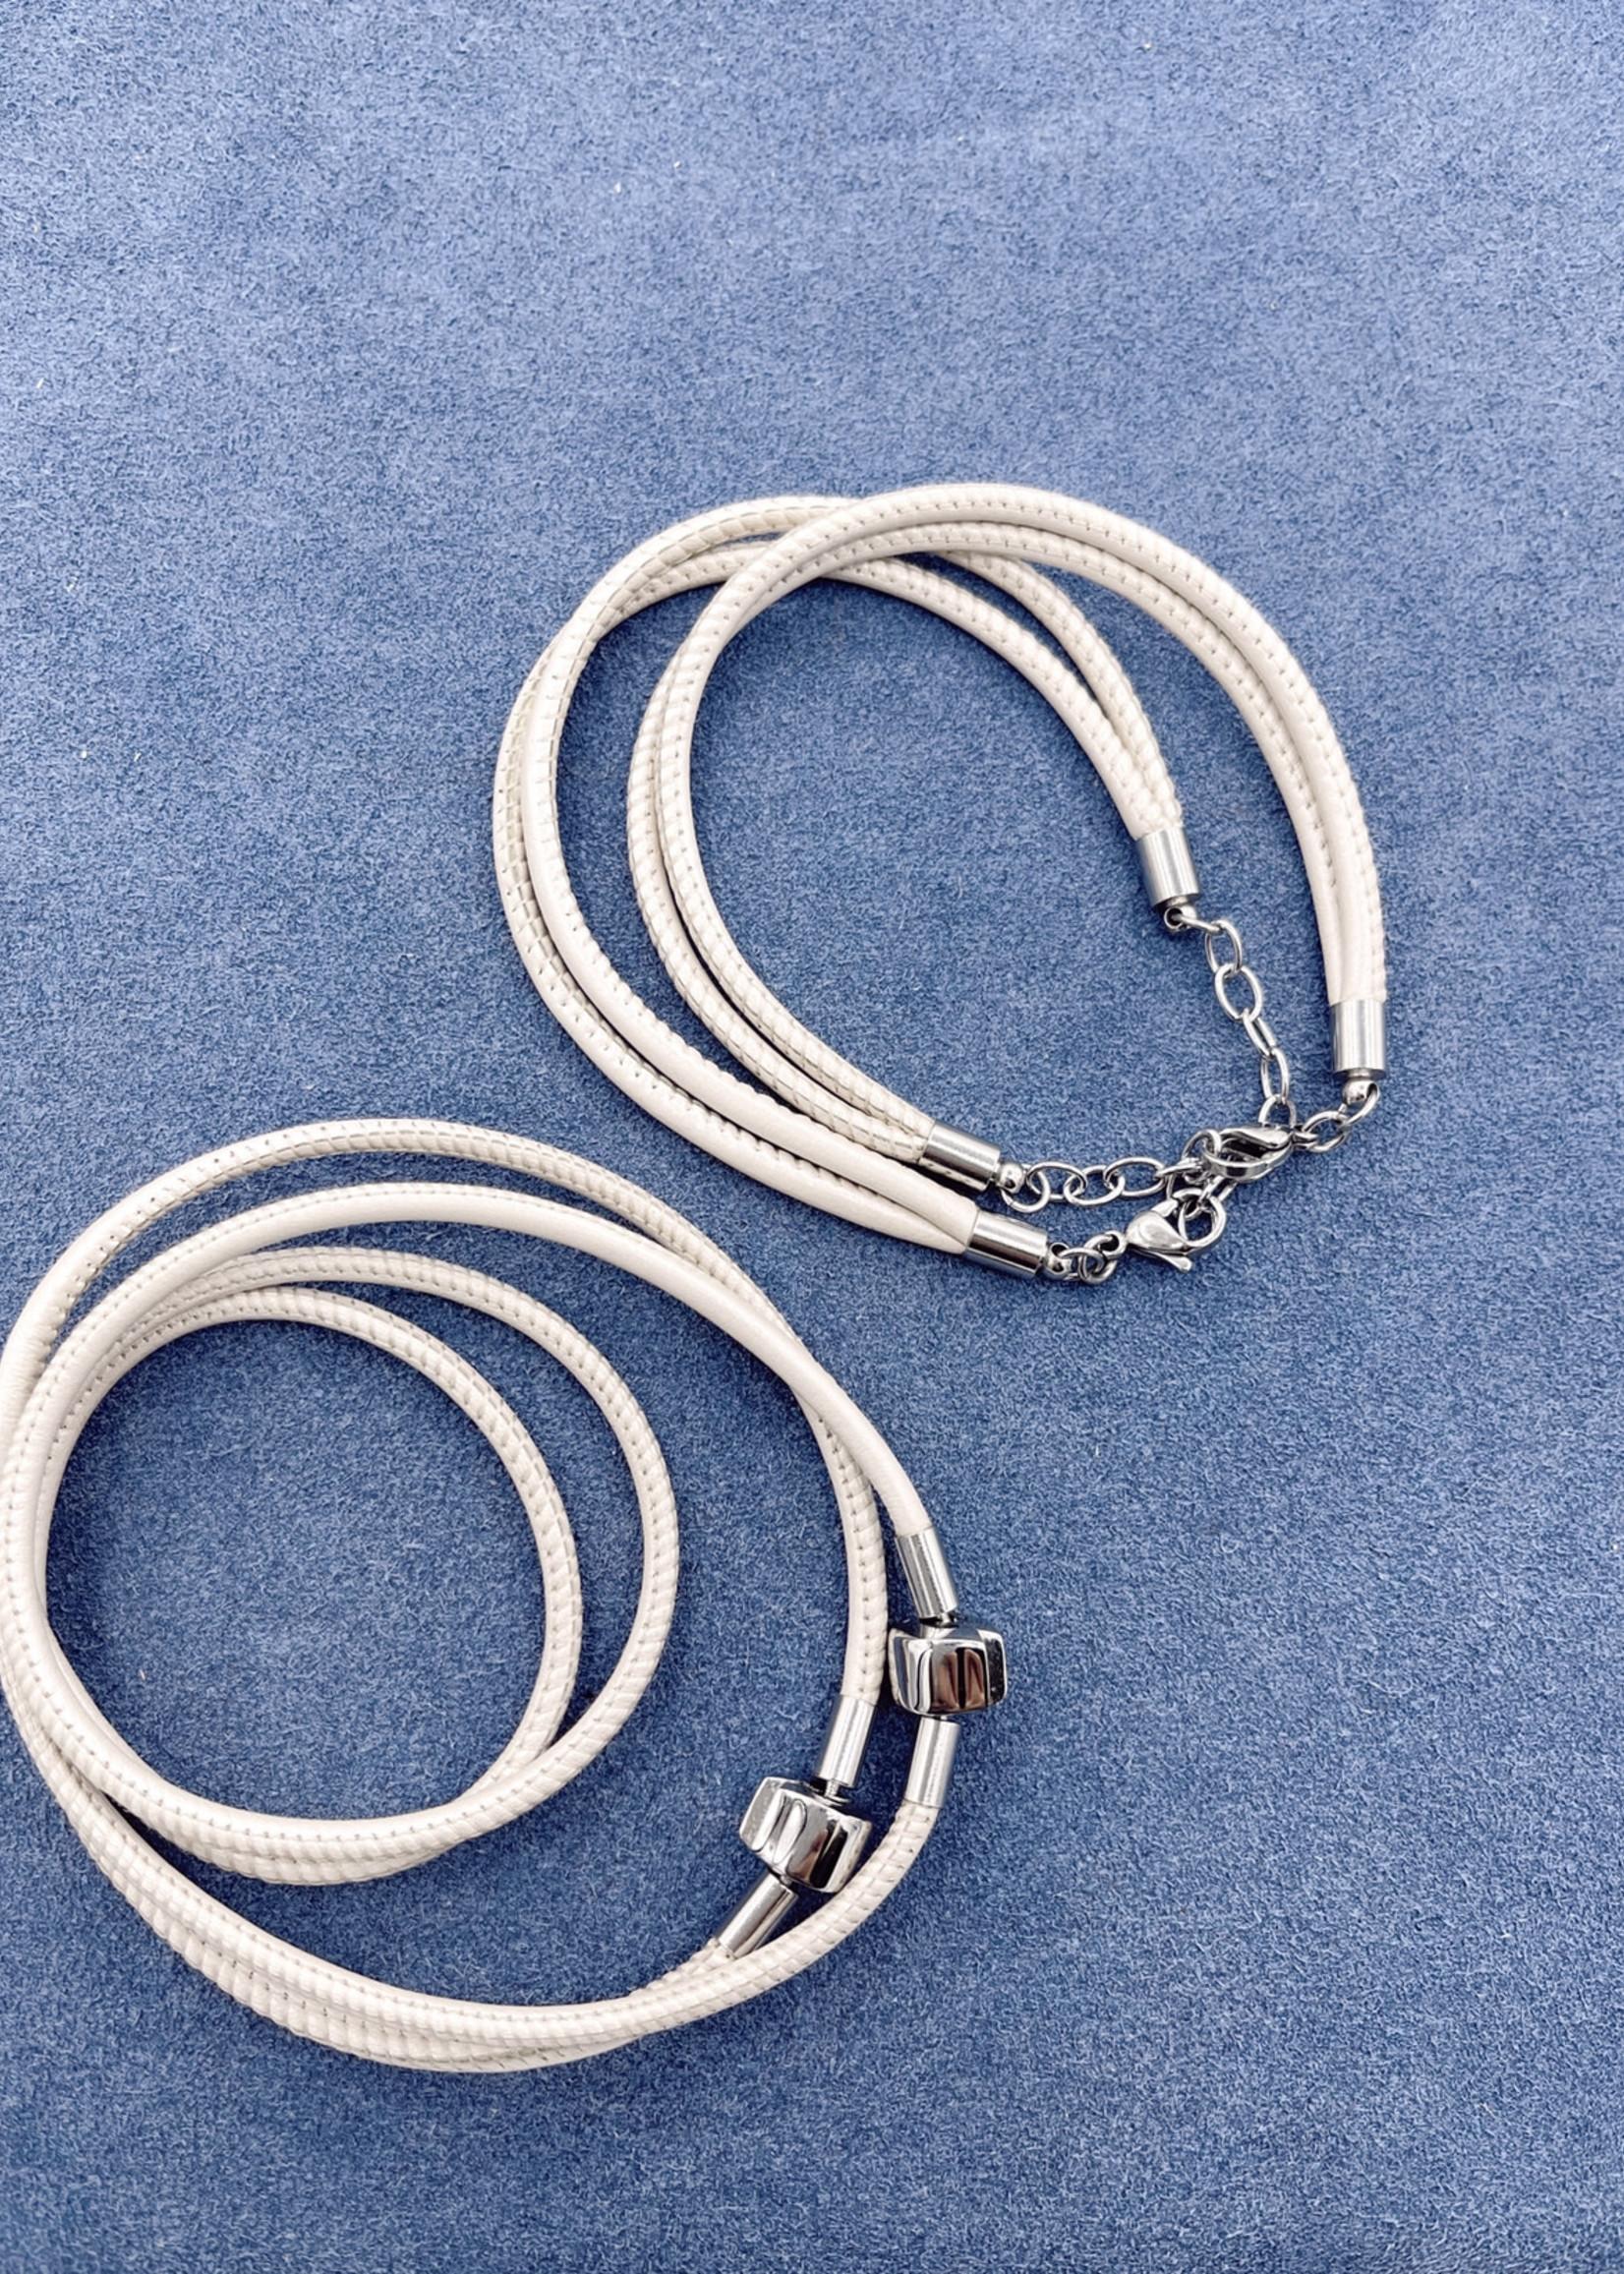 Stardom Beige Double Strand Leather Charm Bracelet